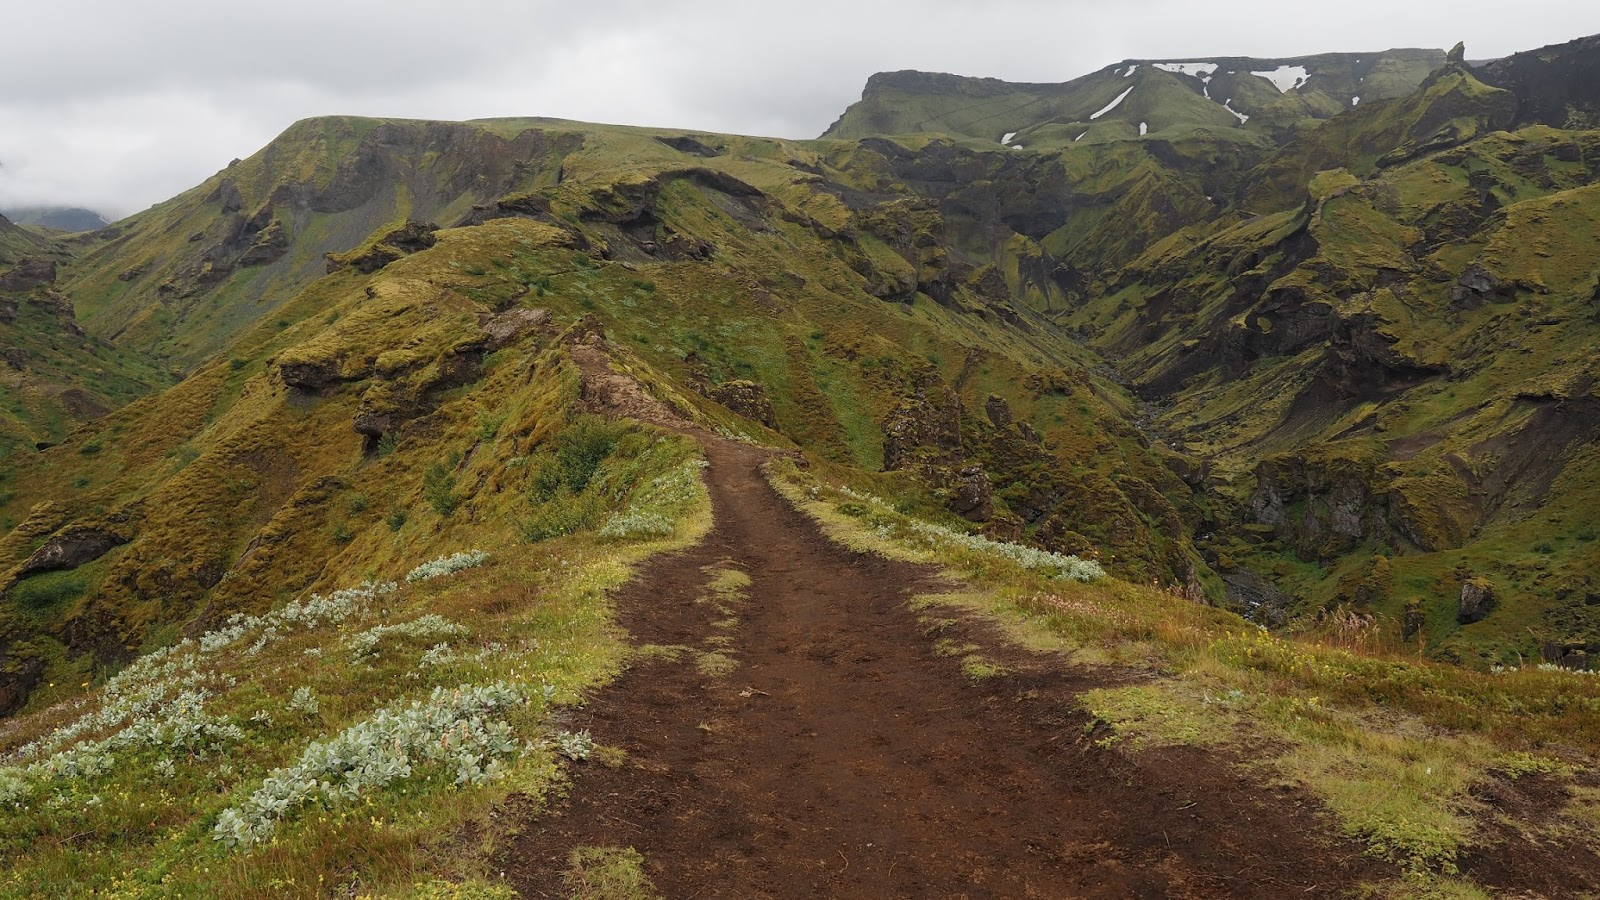 Islandia, atrakcje południowej Islandii, atrakcje Islandii